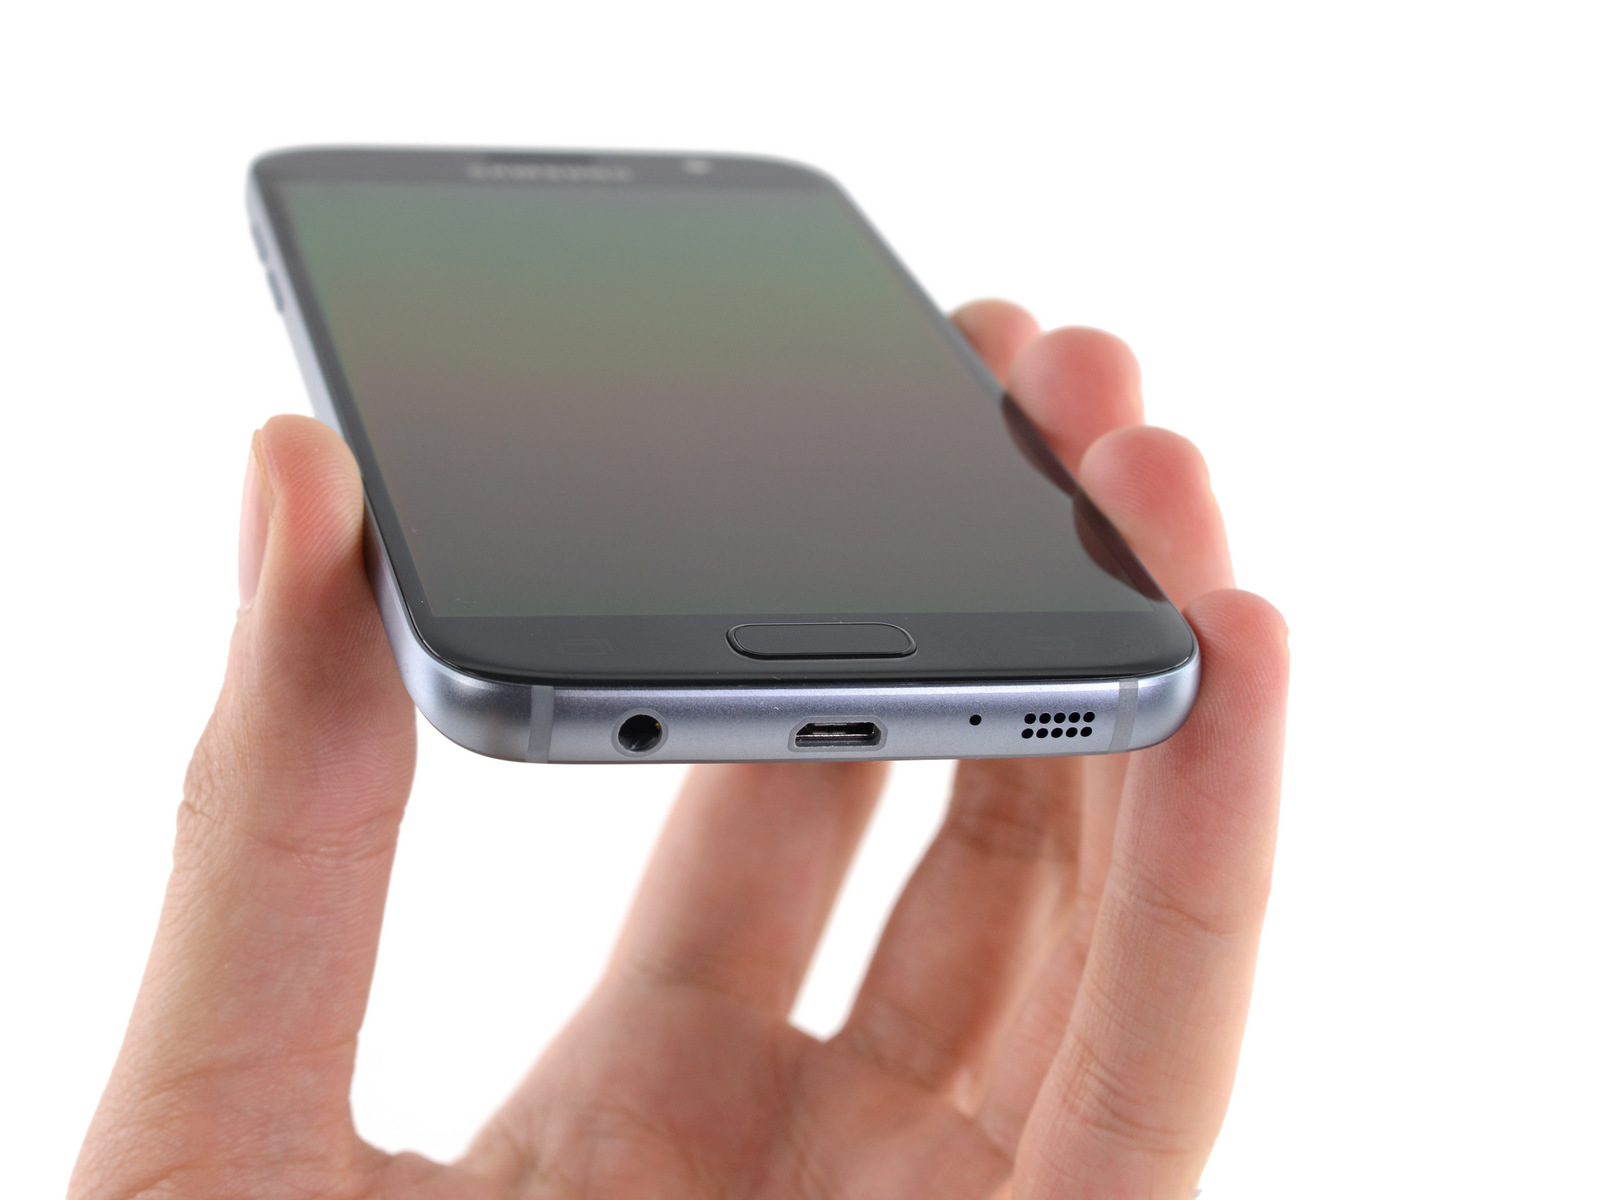 三星Galaxy S7对比 当然选用Micro USB也有一个好处就是方便,外出时也不必携带转接设备,毕竟目前各种智能终端(包括智能硬件)的主要接口同样是Micro USB。不过随着智能手机产业进一步发展,标准化是必然的,向着Type-C倾斜也是必然,届时三星全面转向Type-C也不算晚。 3三星Galaxy S7拆解 三星Galaxy S7拆解 三星Galaxy S7机身外部没有螺丝,这自然进一步提升了整机颜值,同时也在一定程度上降低了拆解难度。